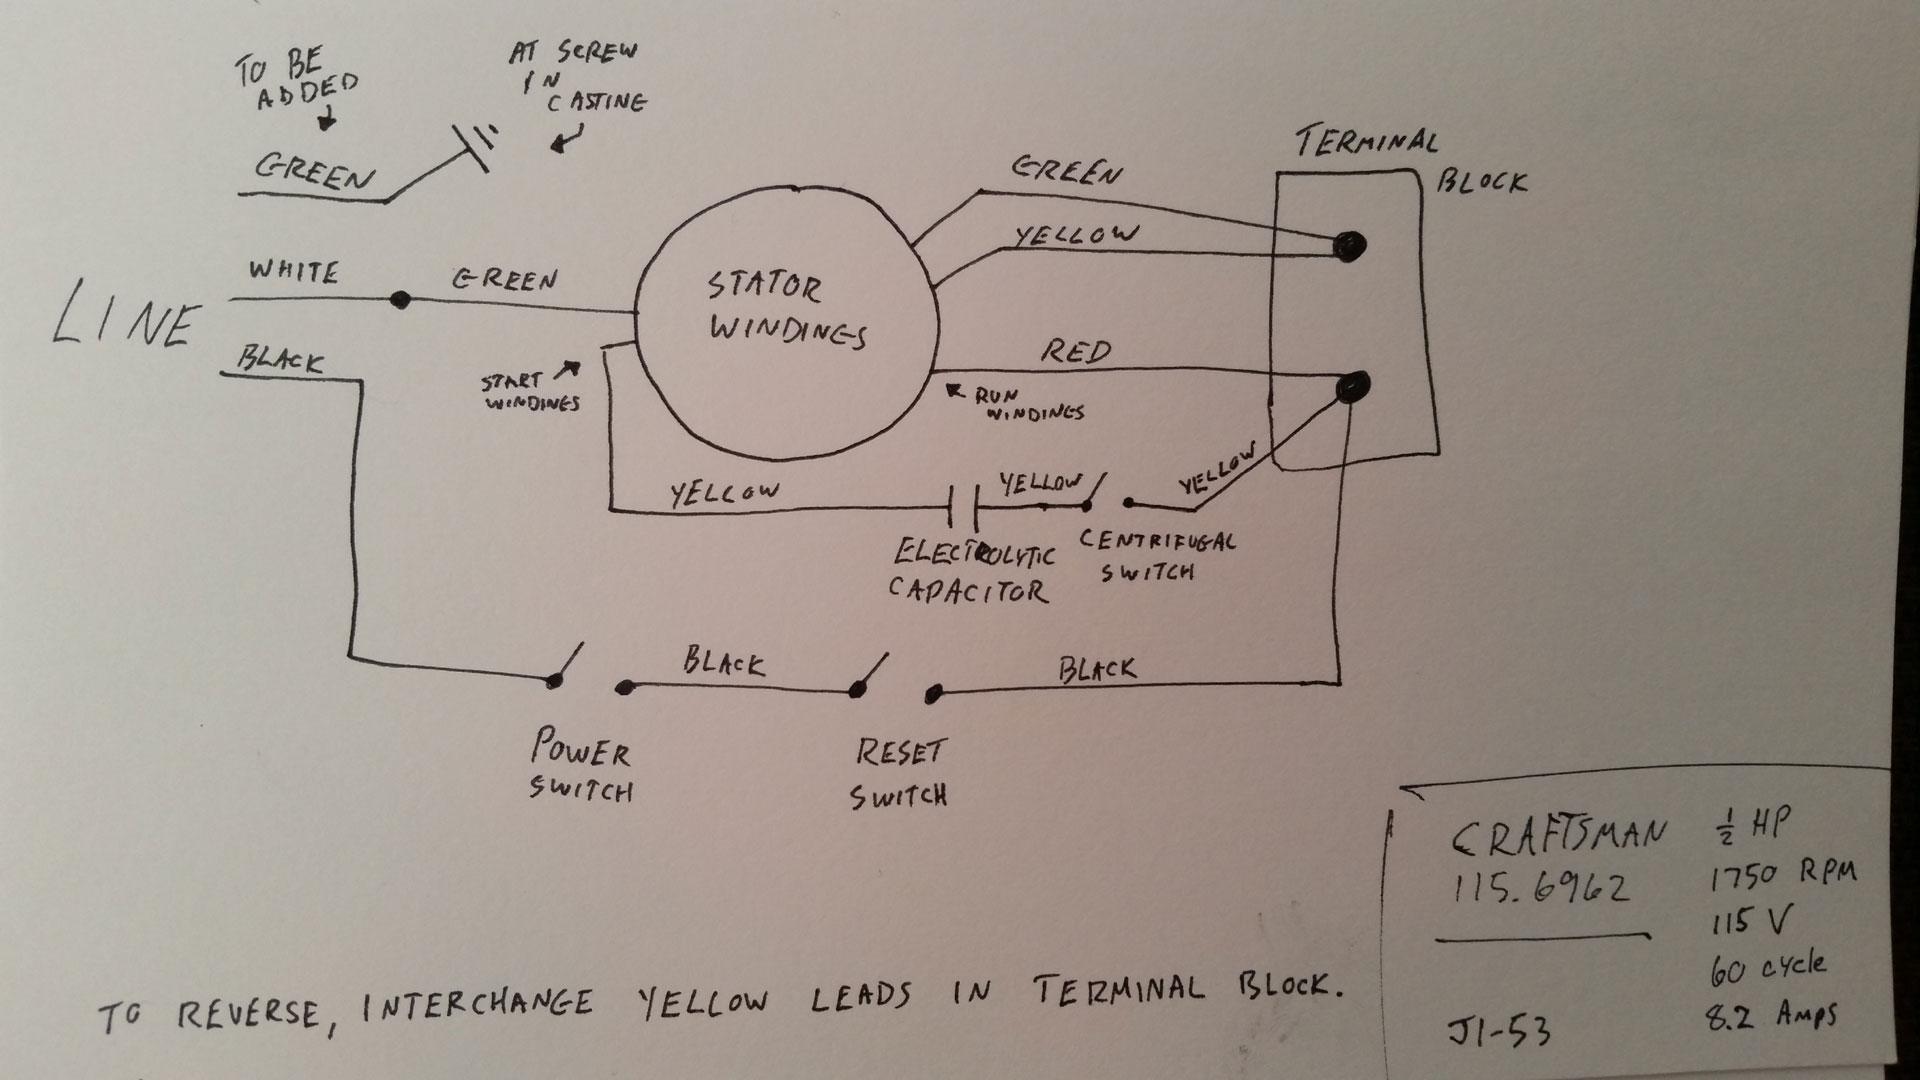 Sears Motor Wiring Diagram | Wiring Diagram on